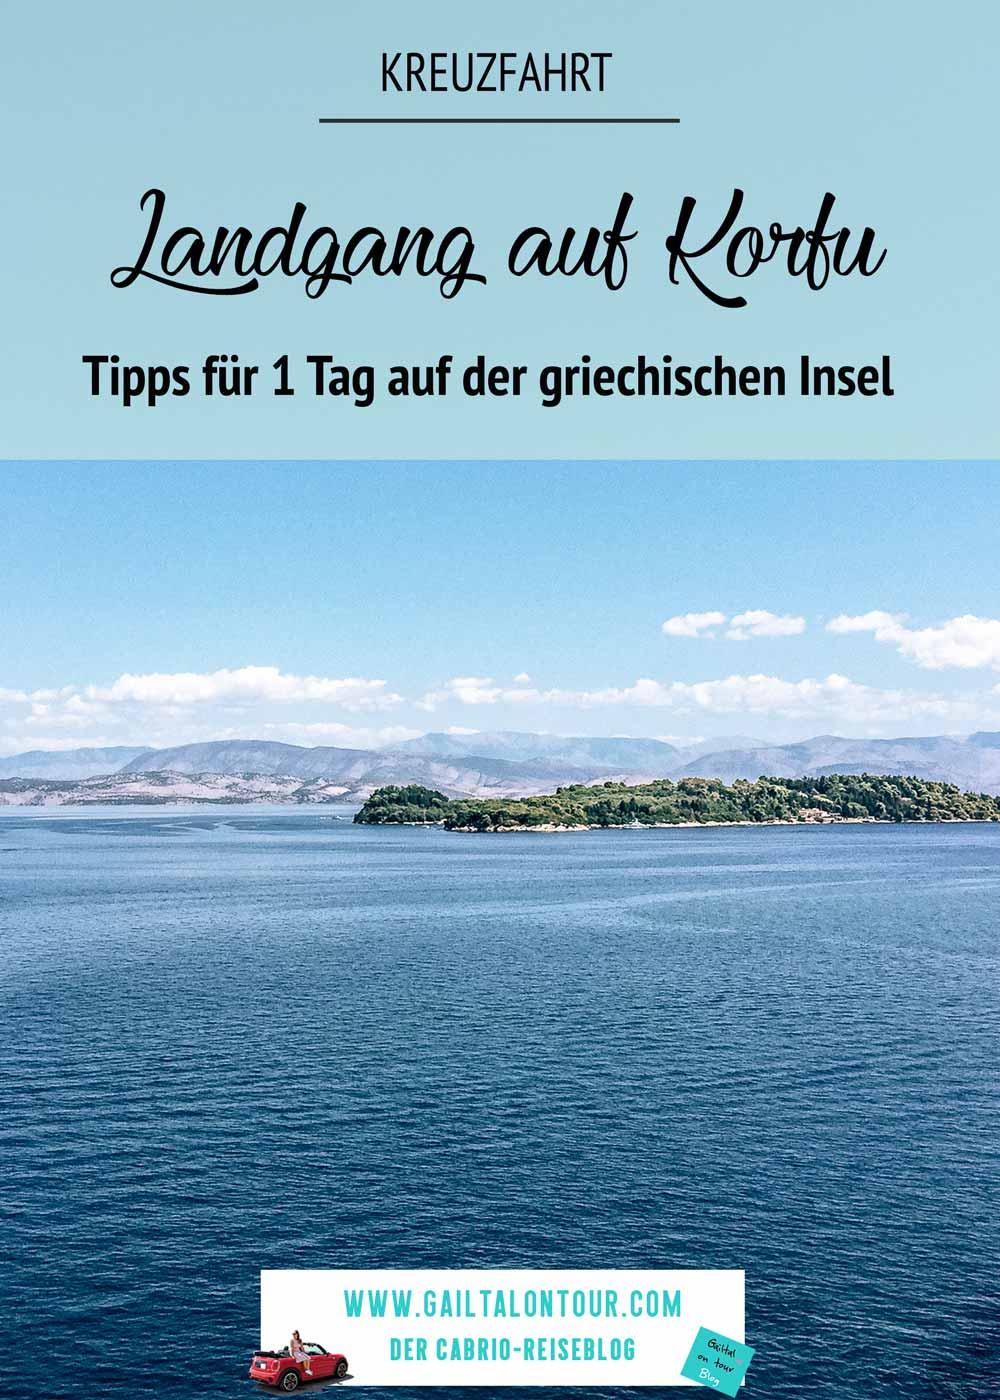 korfu-kreuzfahrt-tipps